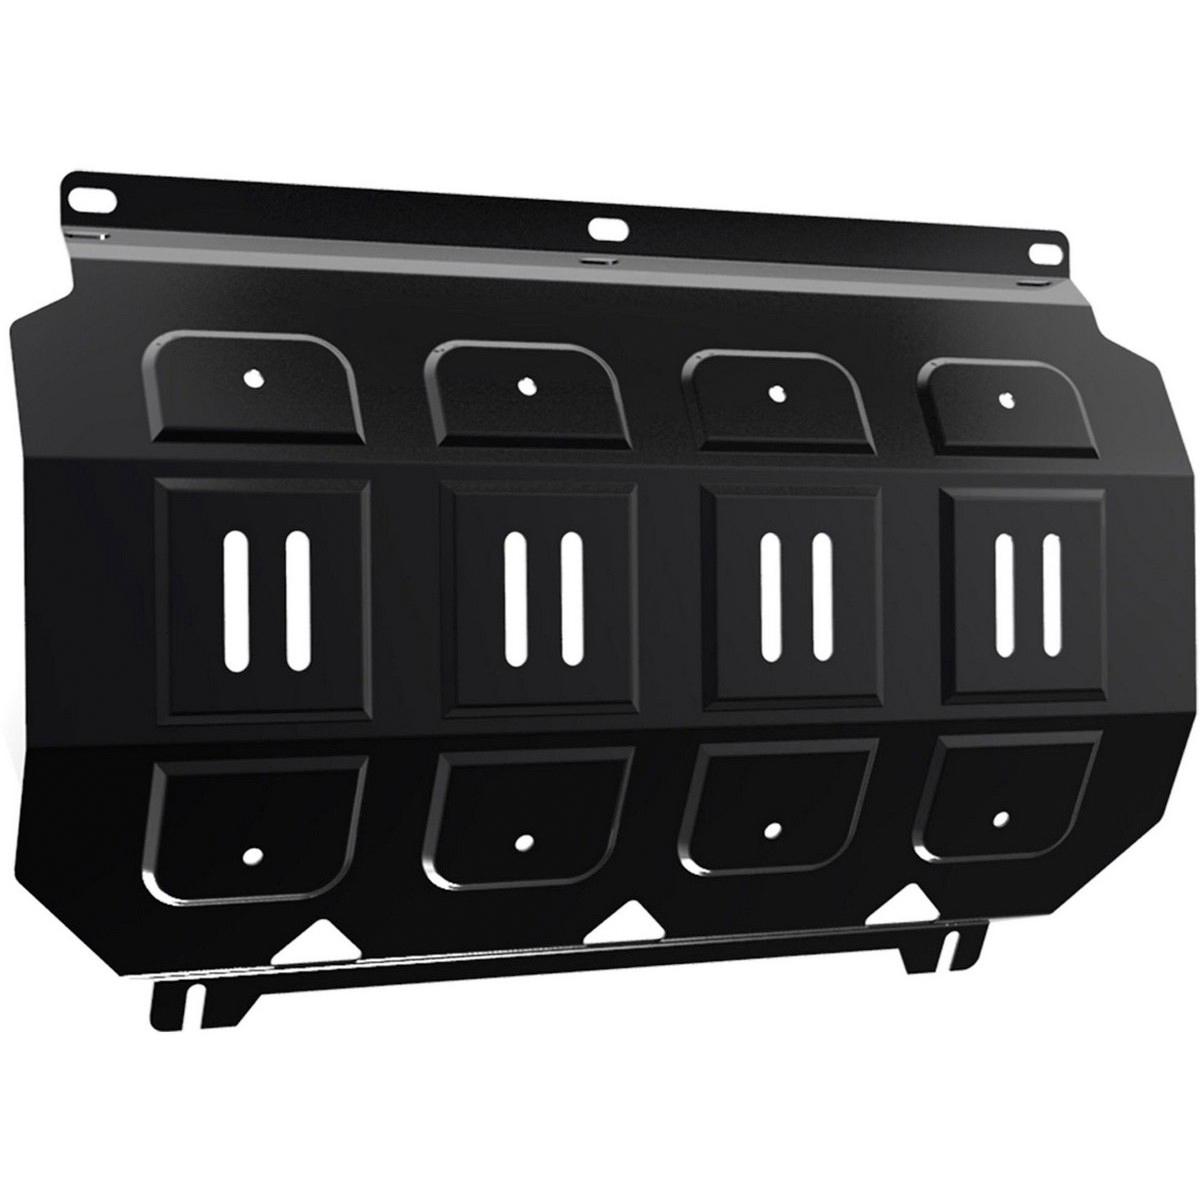 Купить Защита радиатора Автоброня Mitsubishi L200 2006-2015/Mitsubishi Pajero Sport 2008-2016, сталь 2 мм